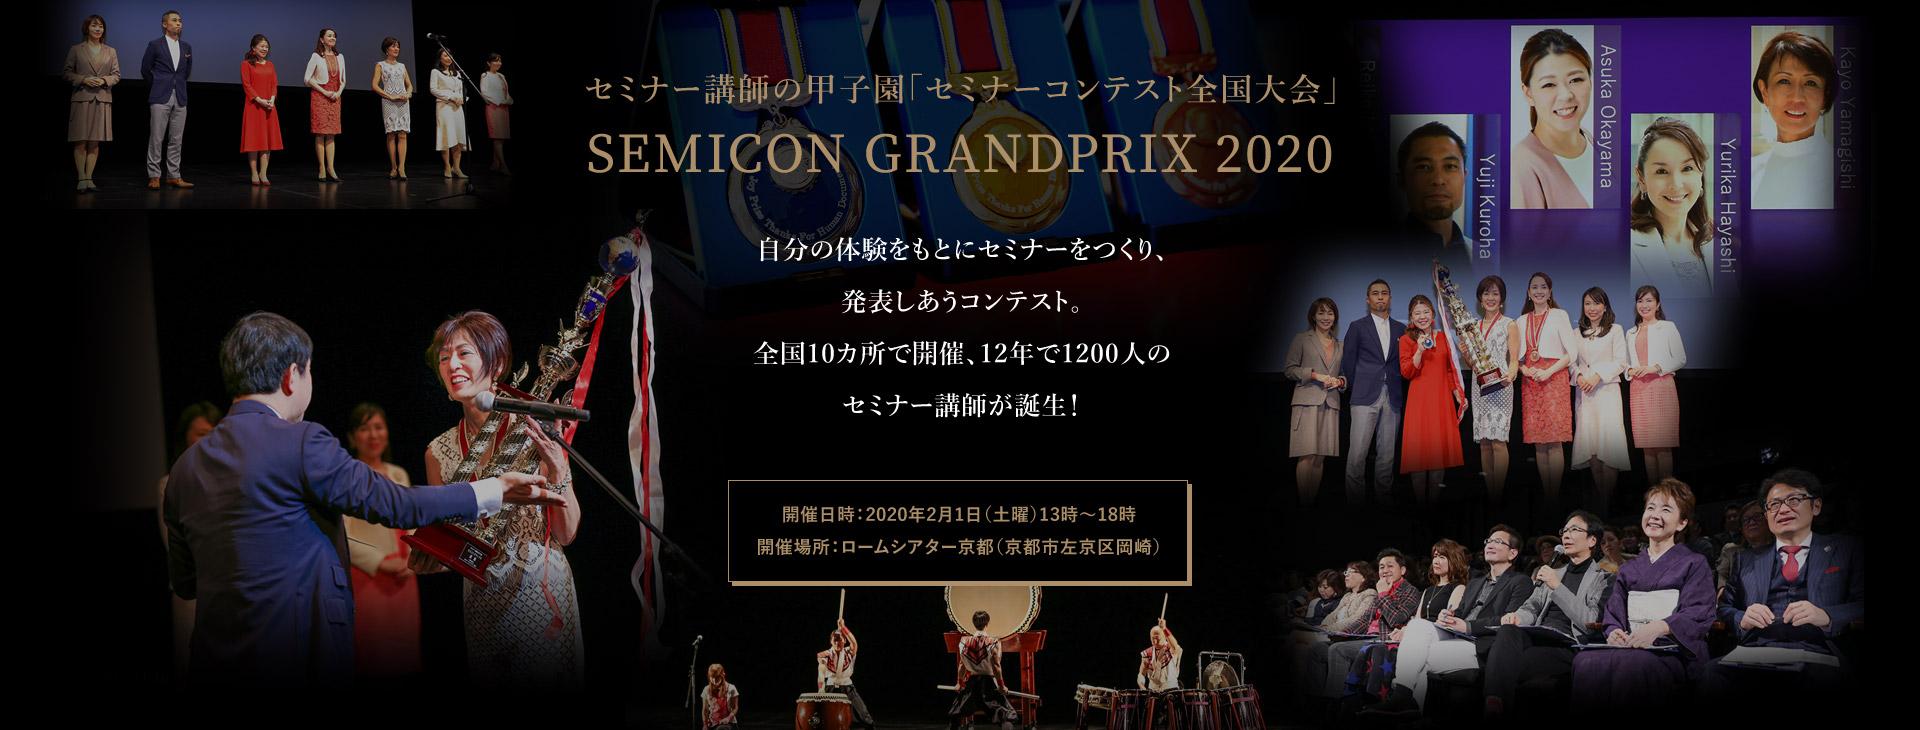 セミナー講師の甲子園「セミナーコンテスト全国大会」 SEMICON GRANDPRIX 2020 自分の体験をもとにセミナーをつくり、発表しあうコンテスト。全国10カ所で開催、12年で1200人のセミナー講師が誕生! 開催日時:2020年2月1日(土曜)13時~18時開催場所:ロームシアター京都(京都市左京区岡崎)